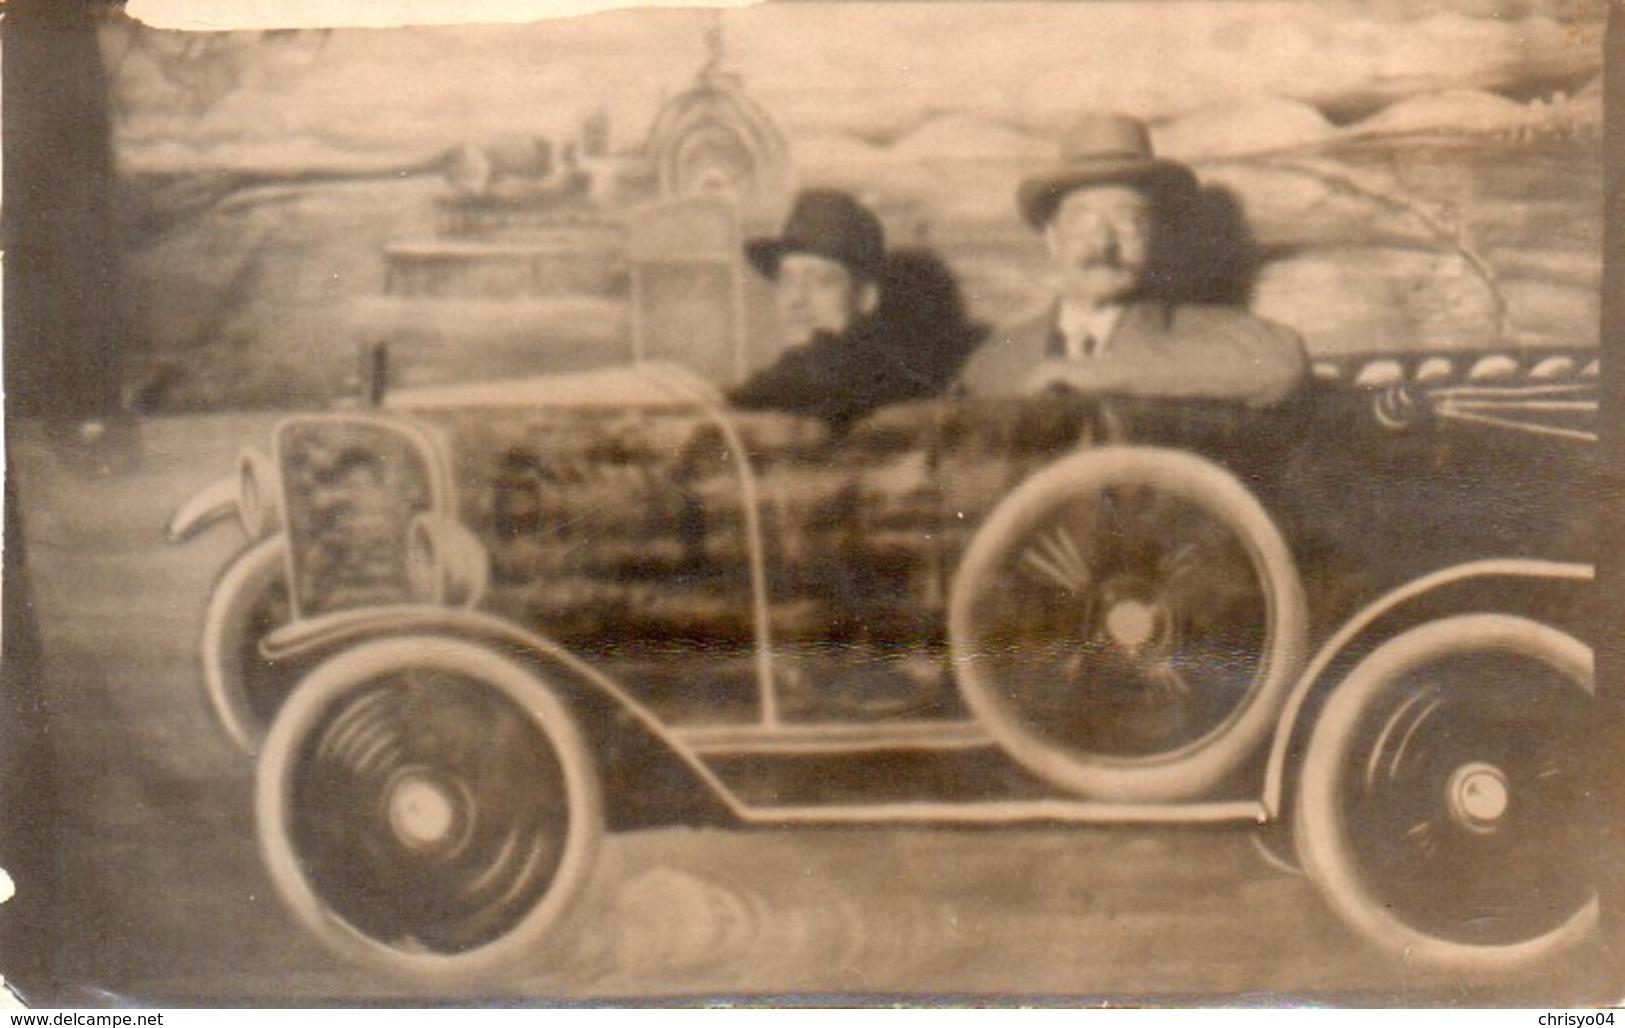 86Mrn  Carte Photo Montage Surréalisme Deux Hommes Dans Automobile Tacot - Voitures De Tourisme